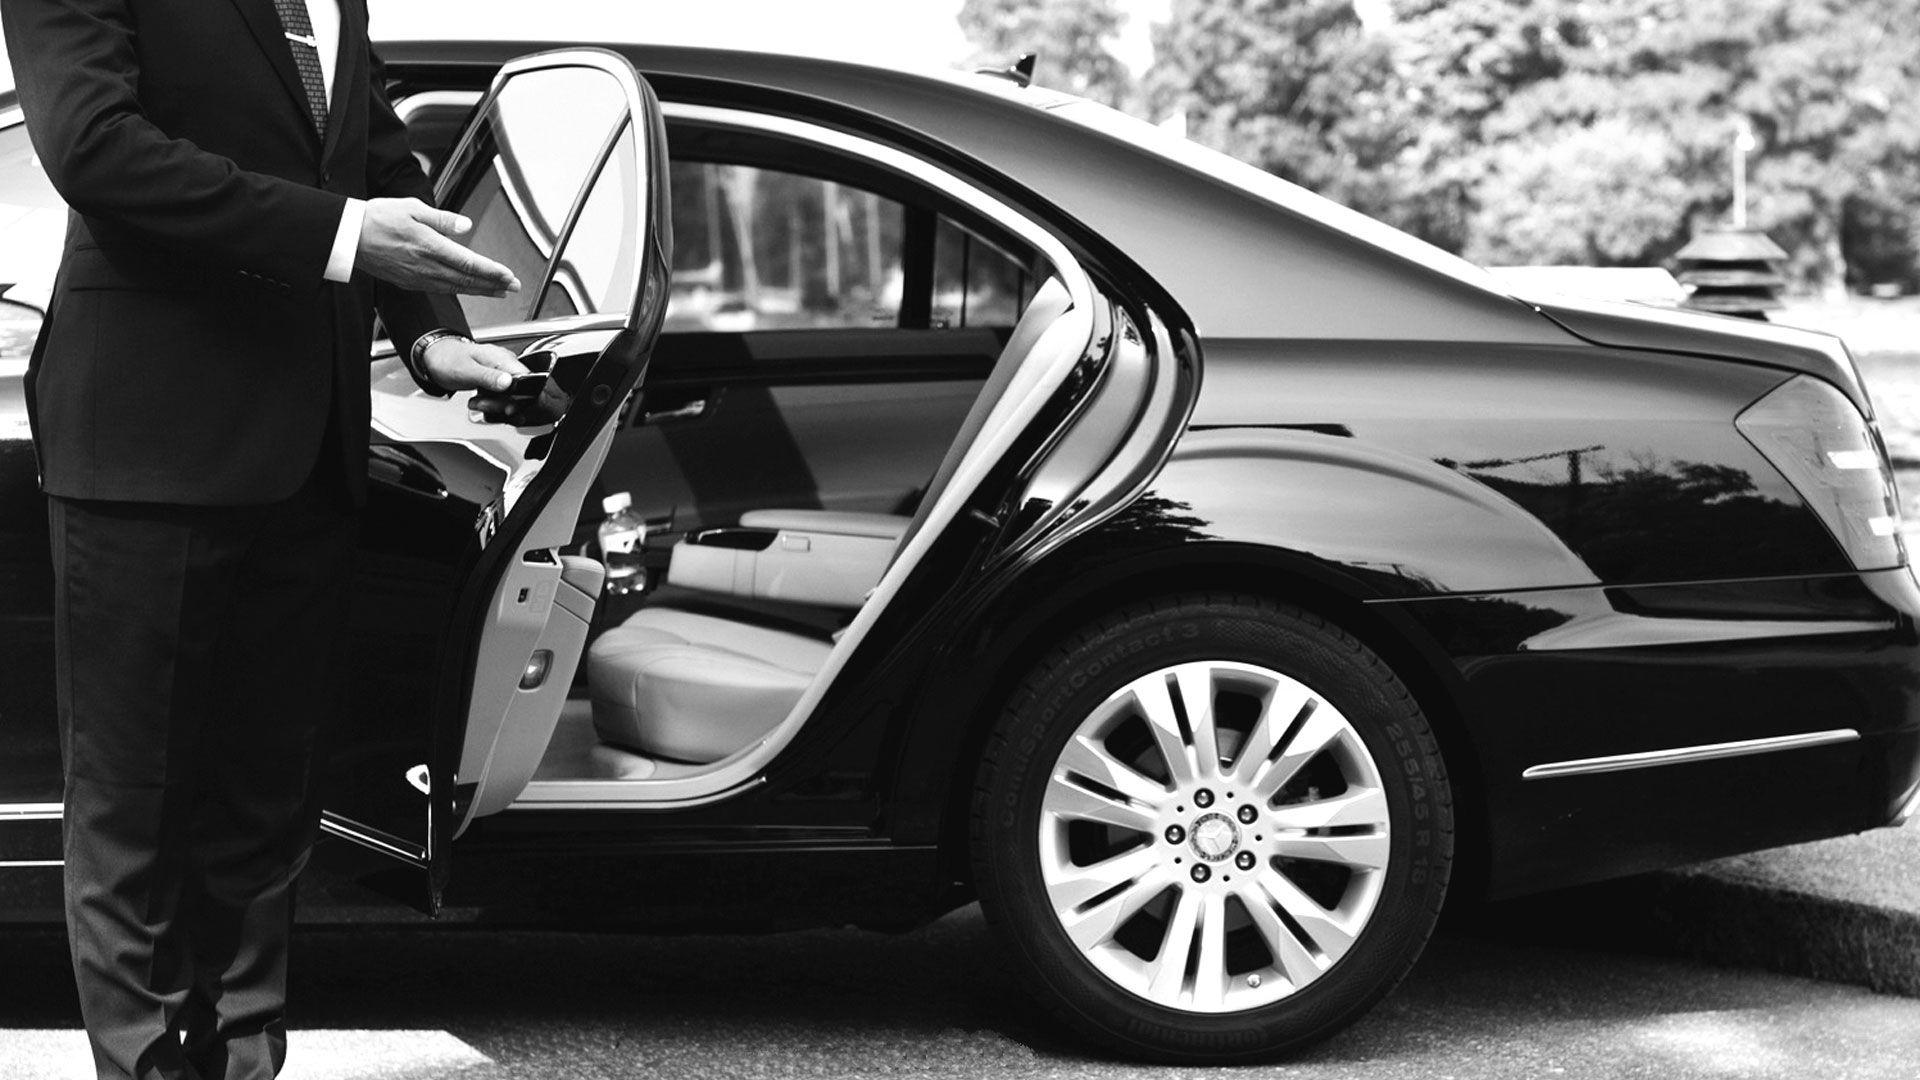 21++ Best chauffeur cars iphone